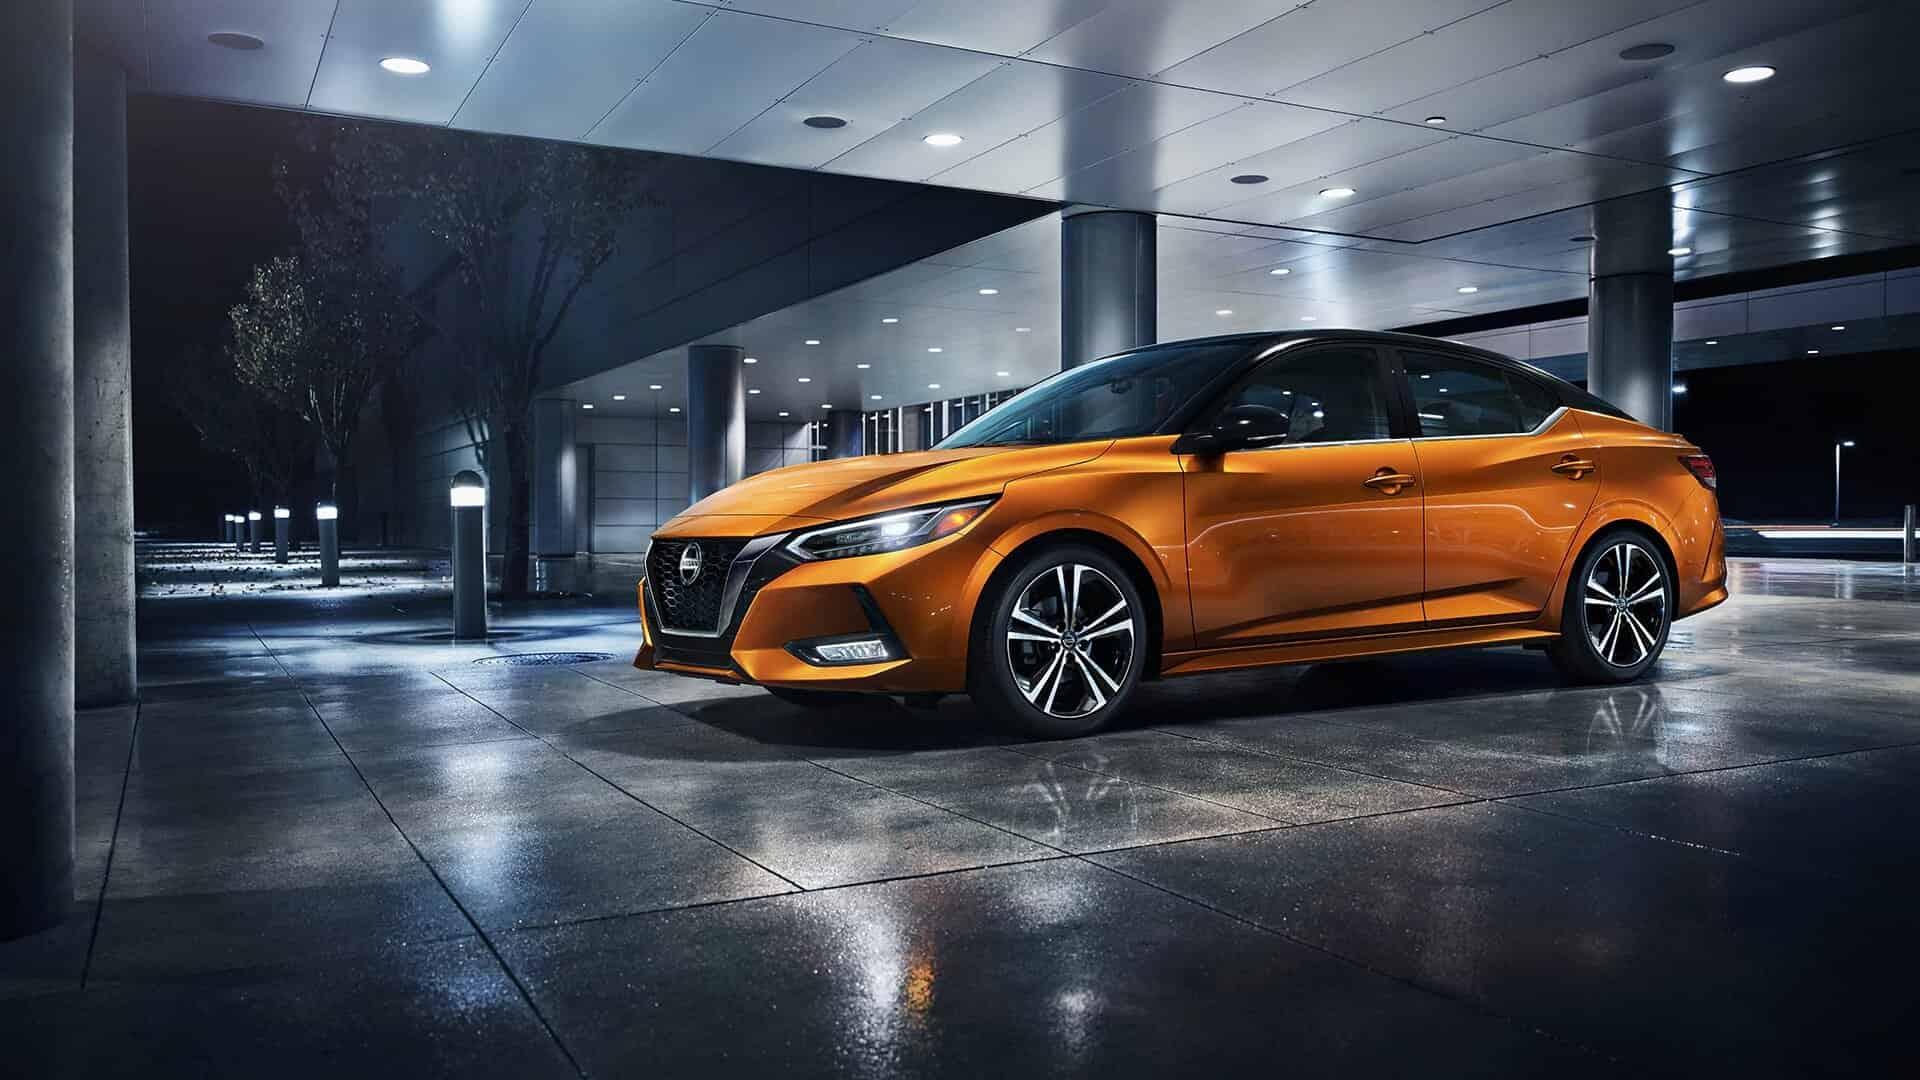 2020 Nissan Sentra Specials near Irvine CA